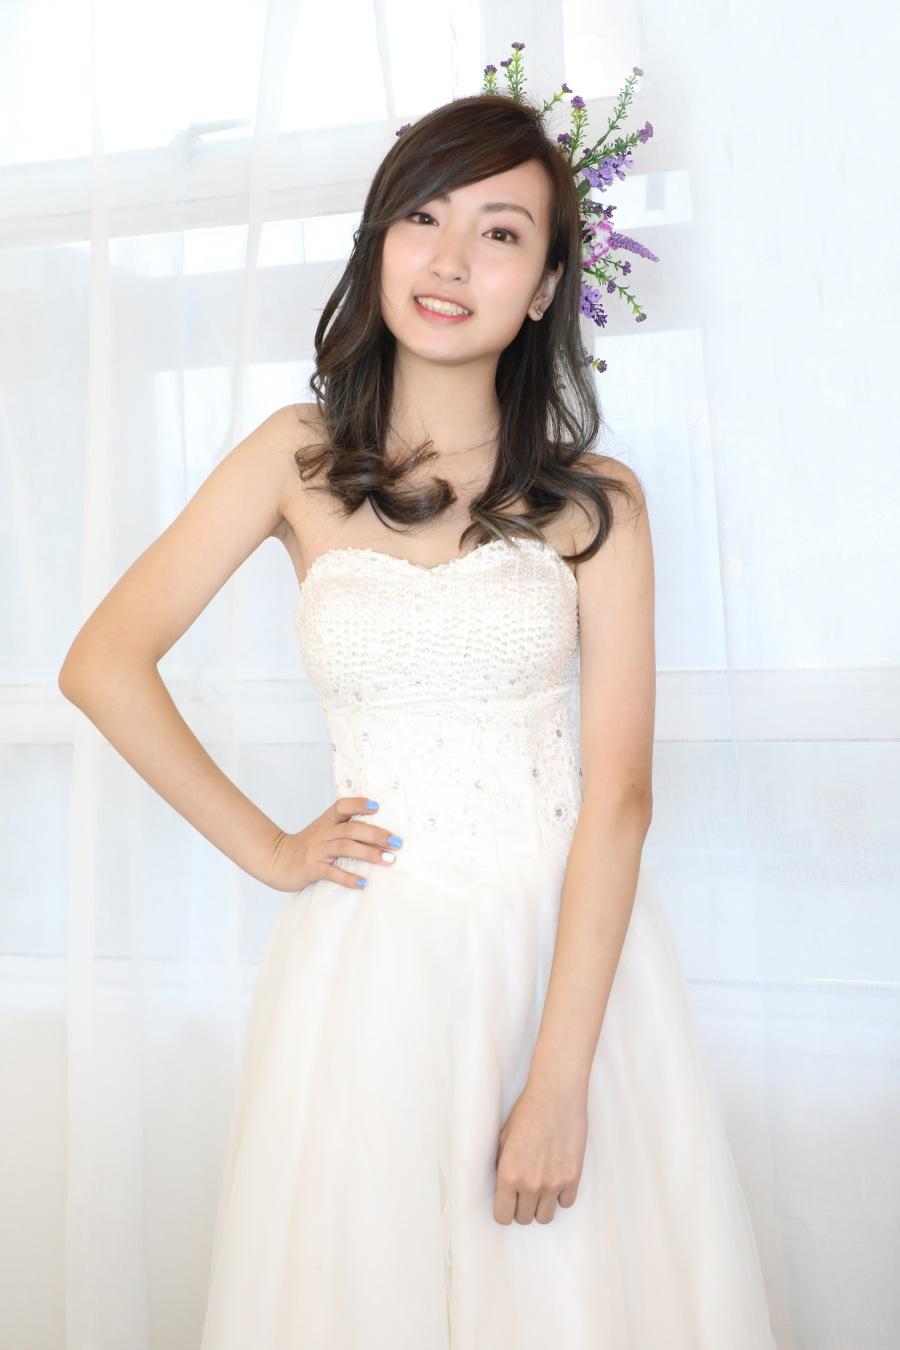 Korean Wedding Hair & Makeup Service a3